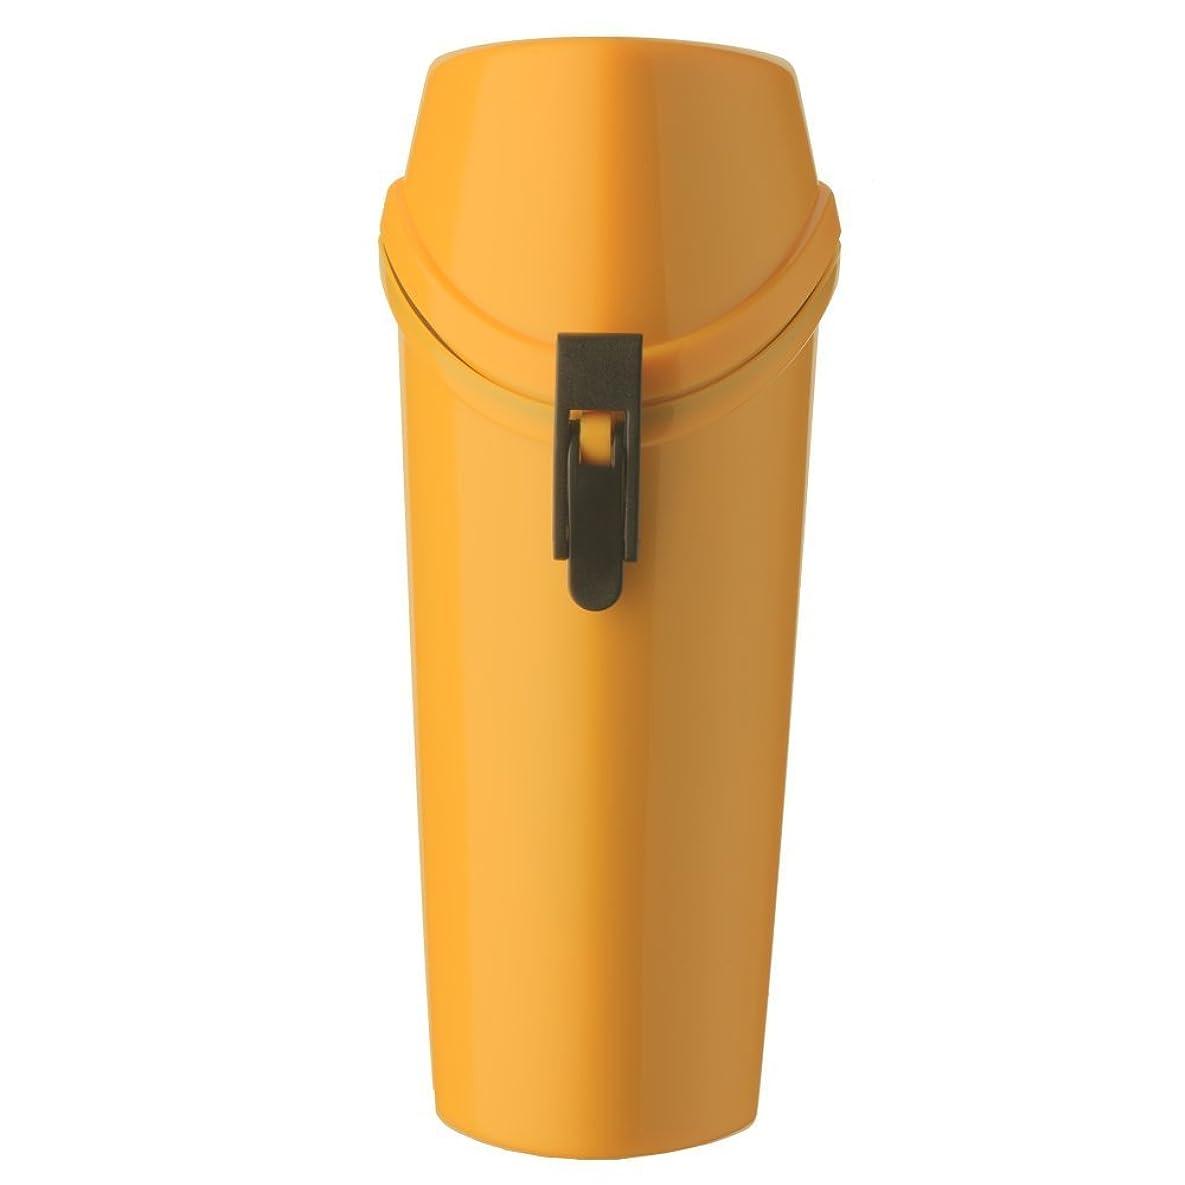 土砂降り穿孔する因子Witz Sport Cases The Wrapper (Colors May Vary) [並行輸入品]